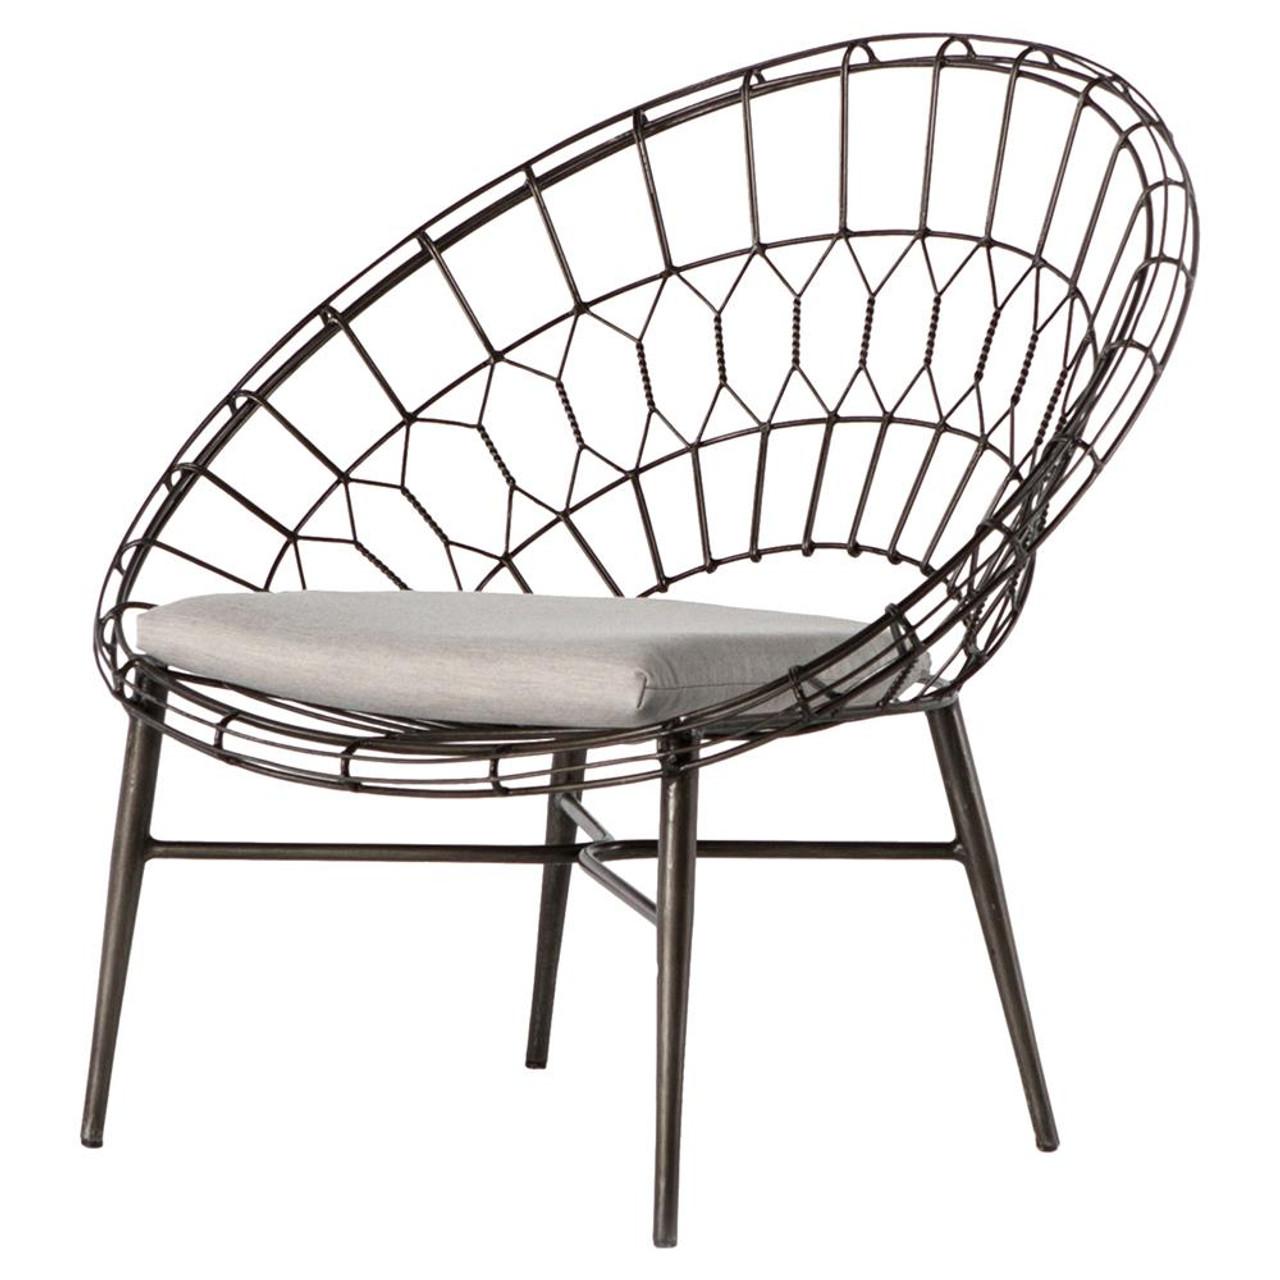 Marquis Metal Wicker Sunburst Outdoor Lounge Chair - Marquis Metal Wicker Sunburst Outdoor Lounge Chair Zin Home